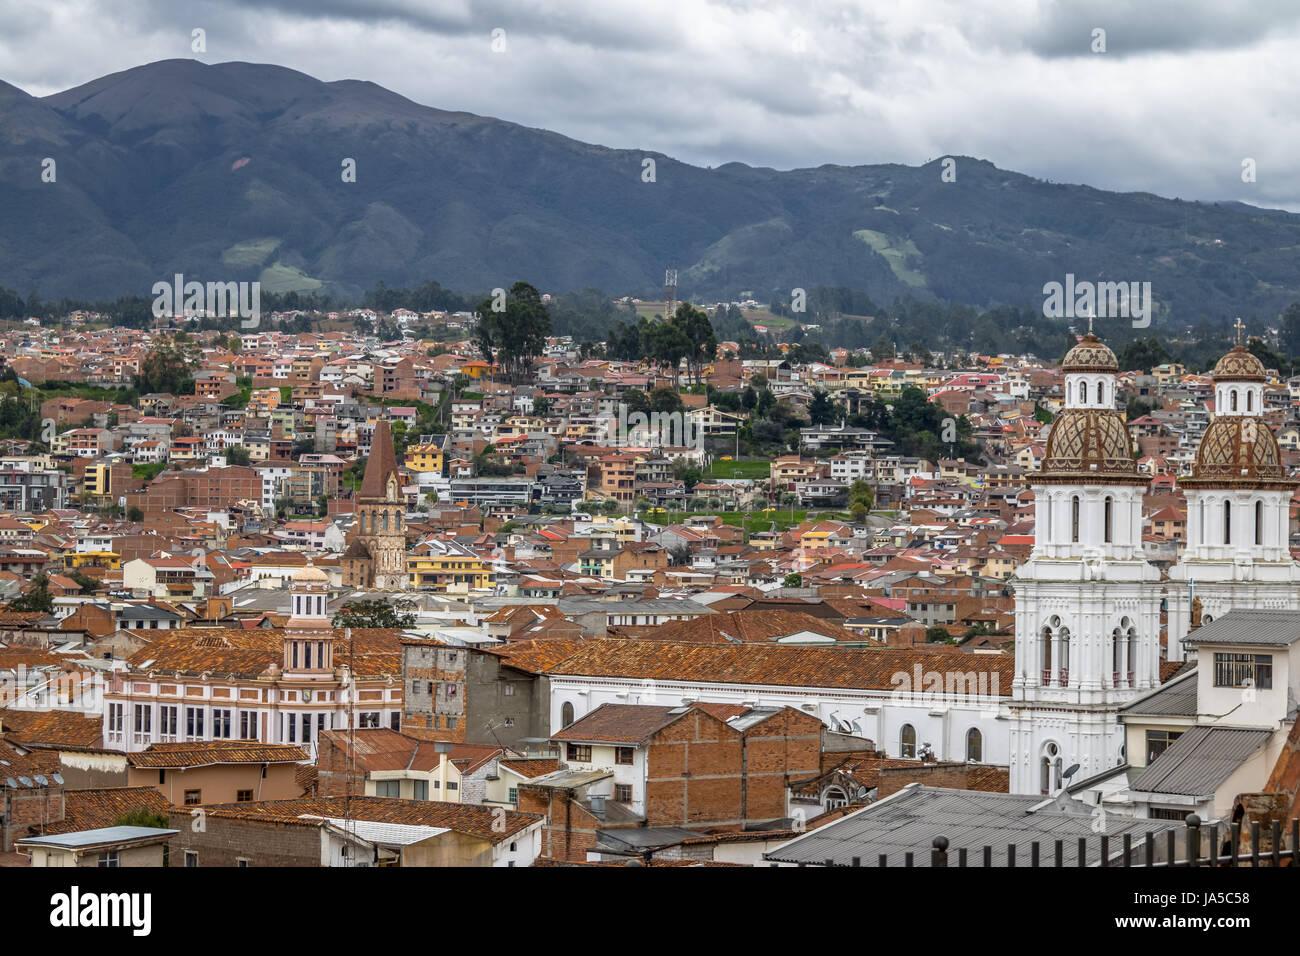 Vista aérea de la ciudad de Cuenca con la Iglesia de Santo Domingo - Cuenca, Ecuador Foto de stock